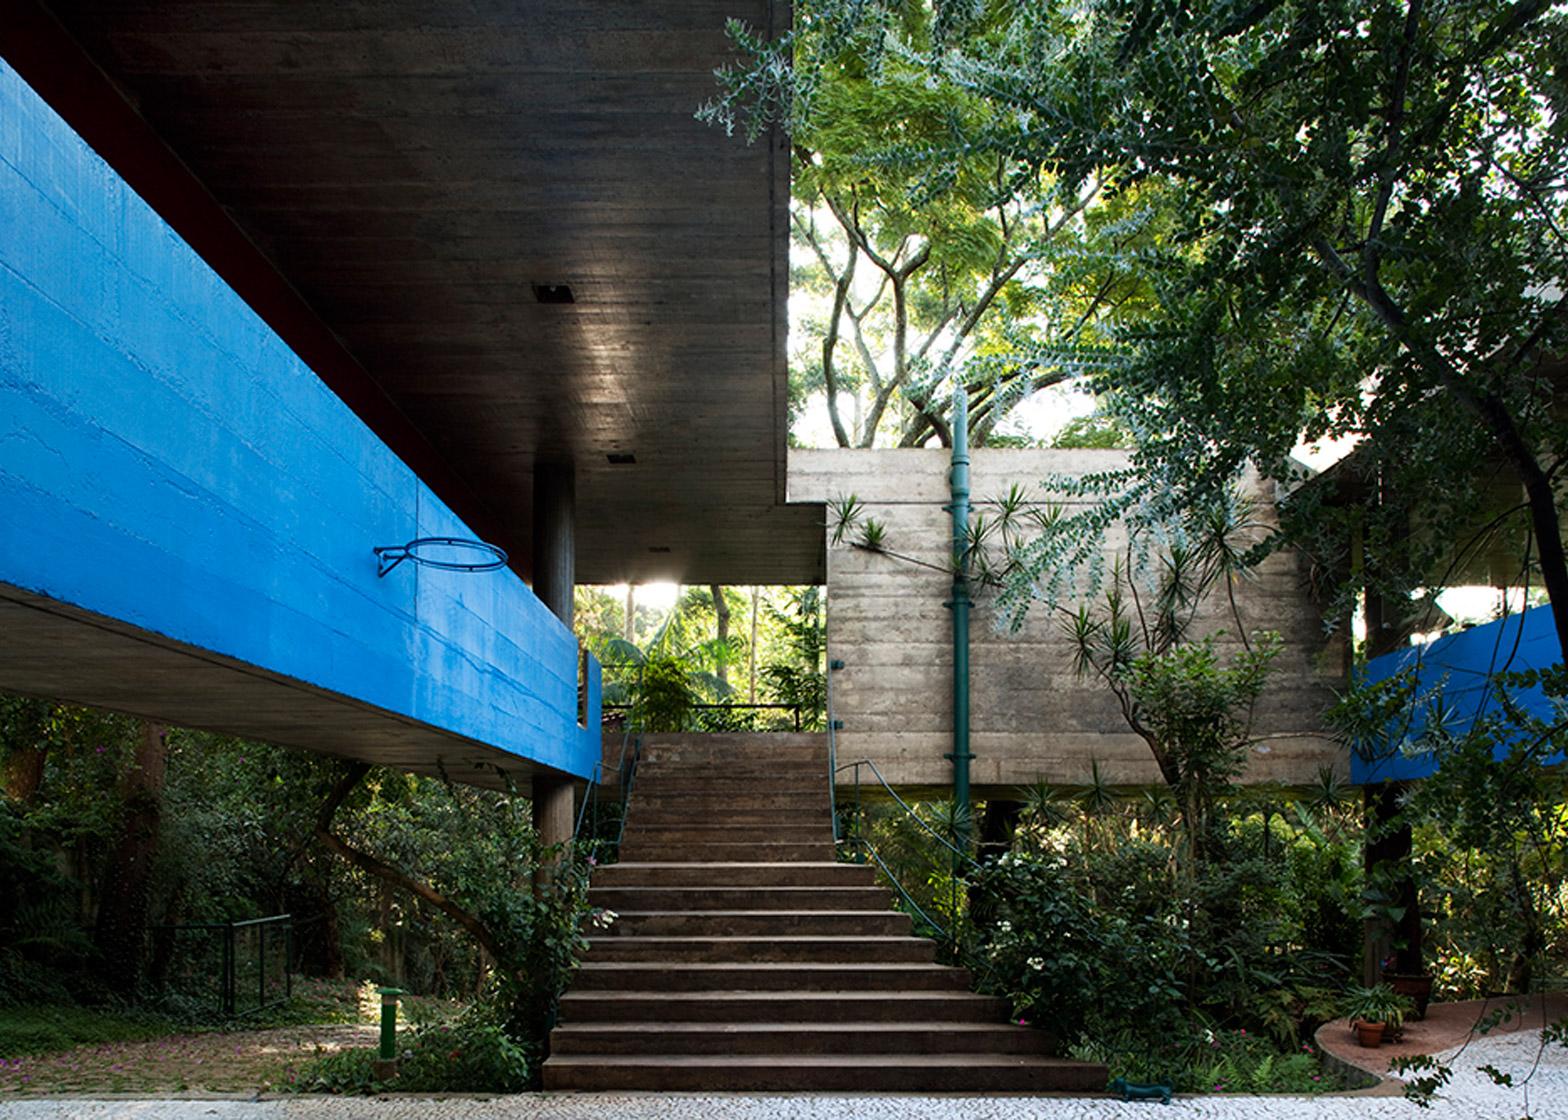 James King house, São Paulo, Brazil